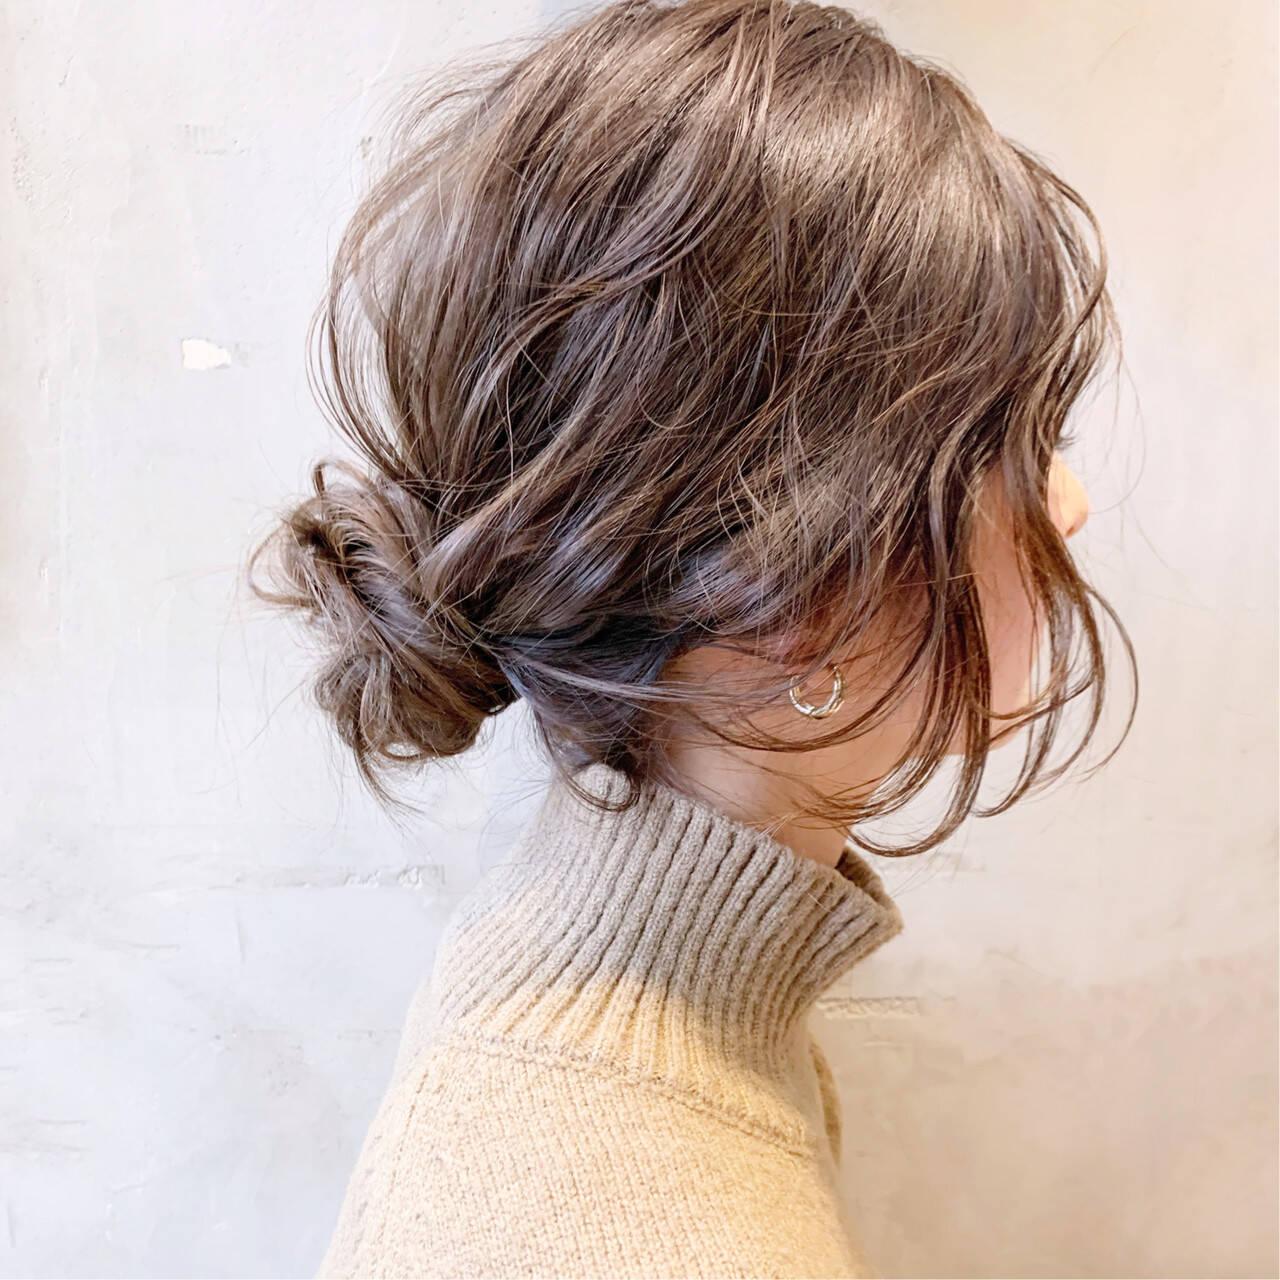 お団子アレンジ 簡単ヘアアレンジ 透明感カラー ロングヘアスタイルや髪型の写真・画像